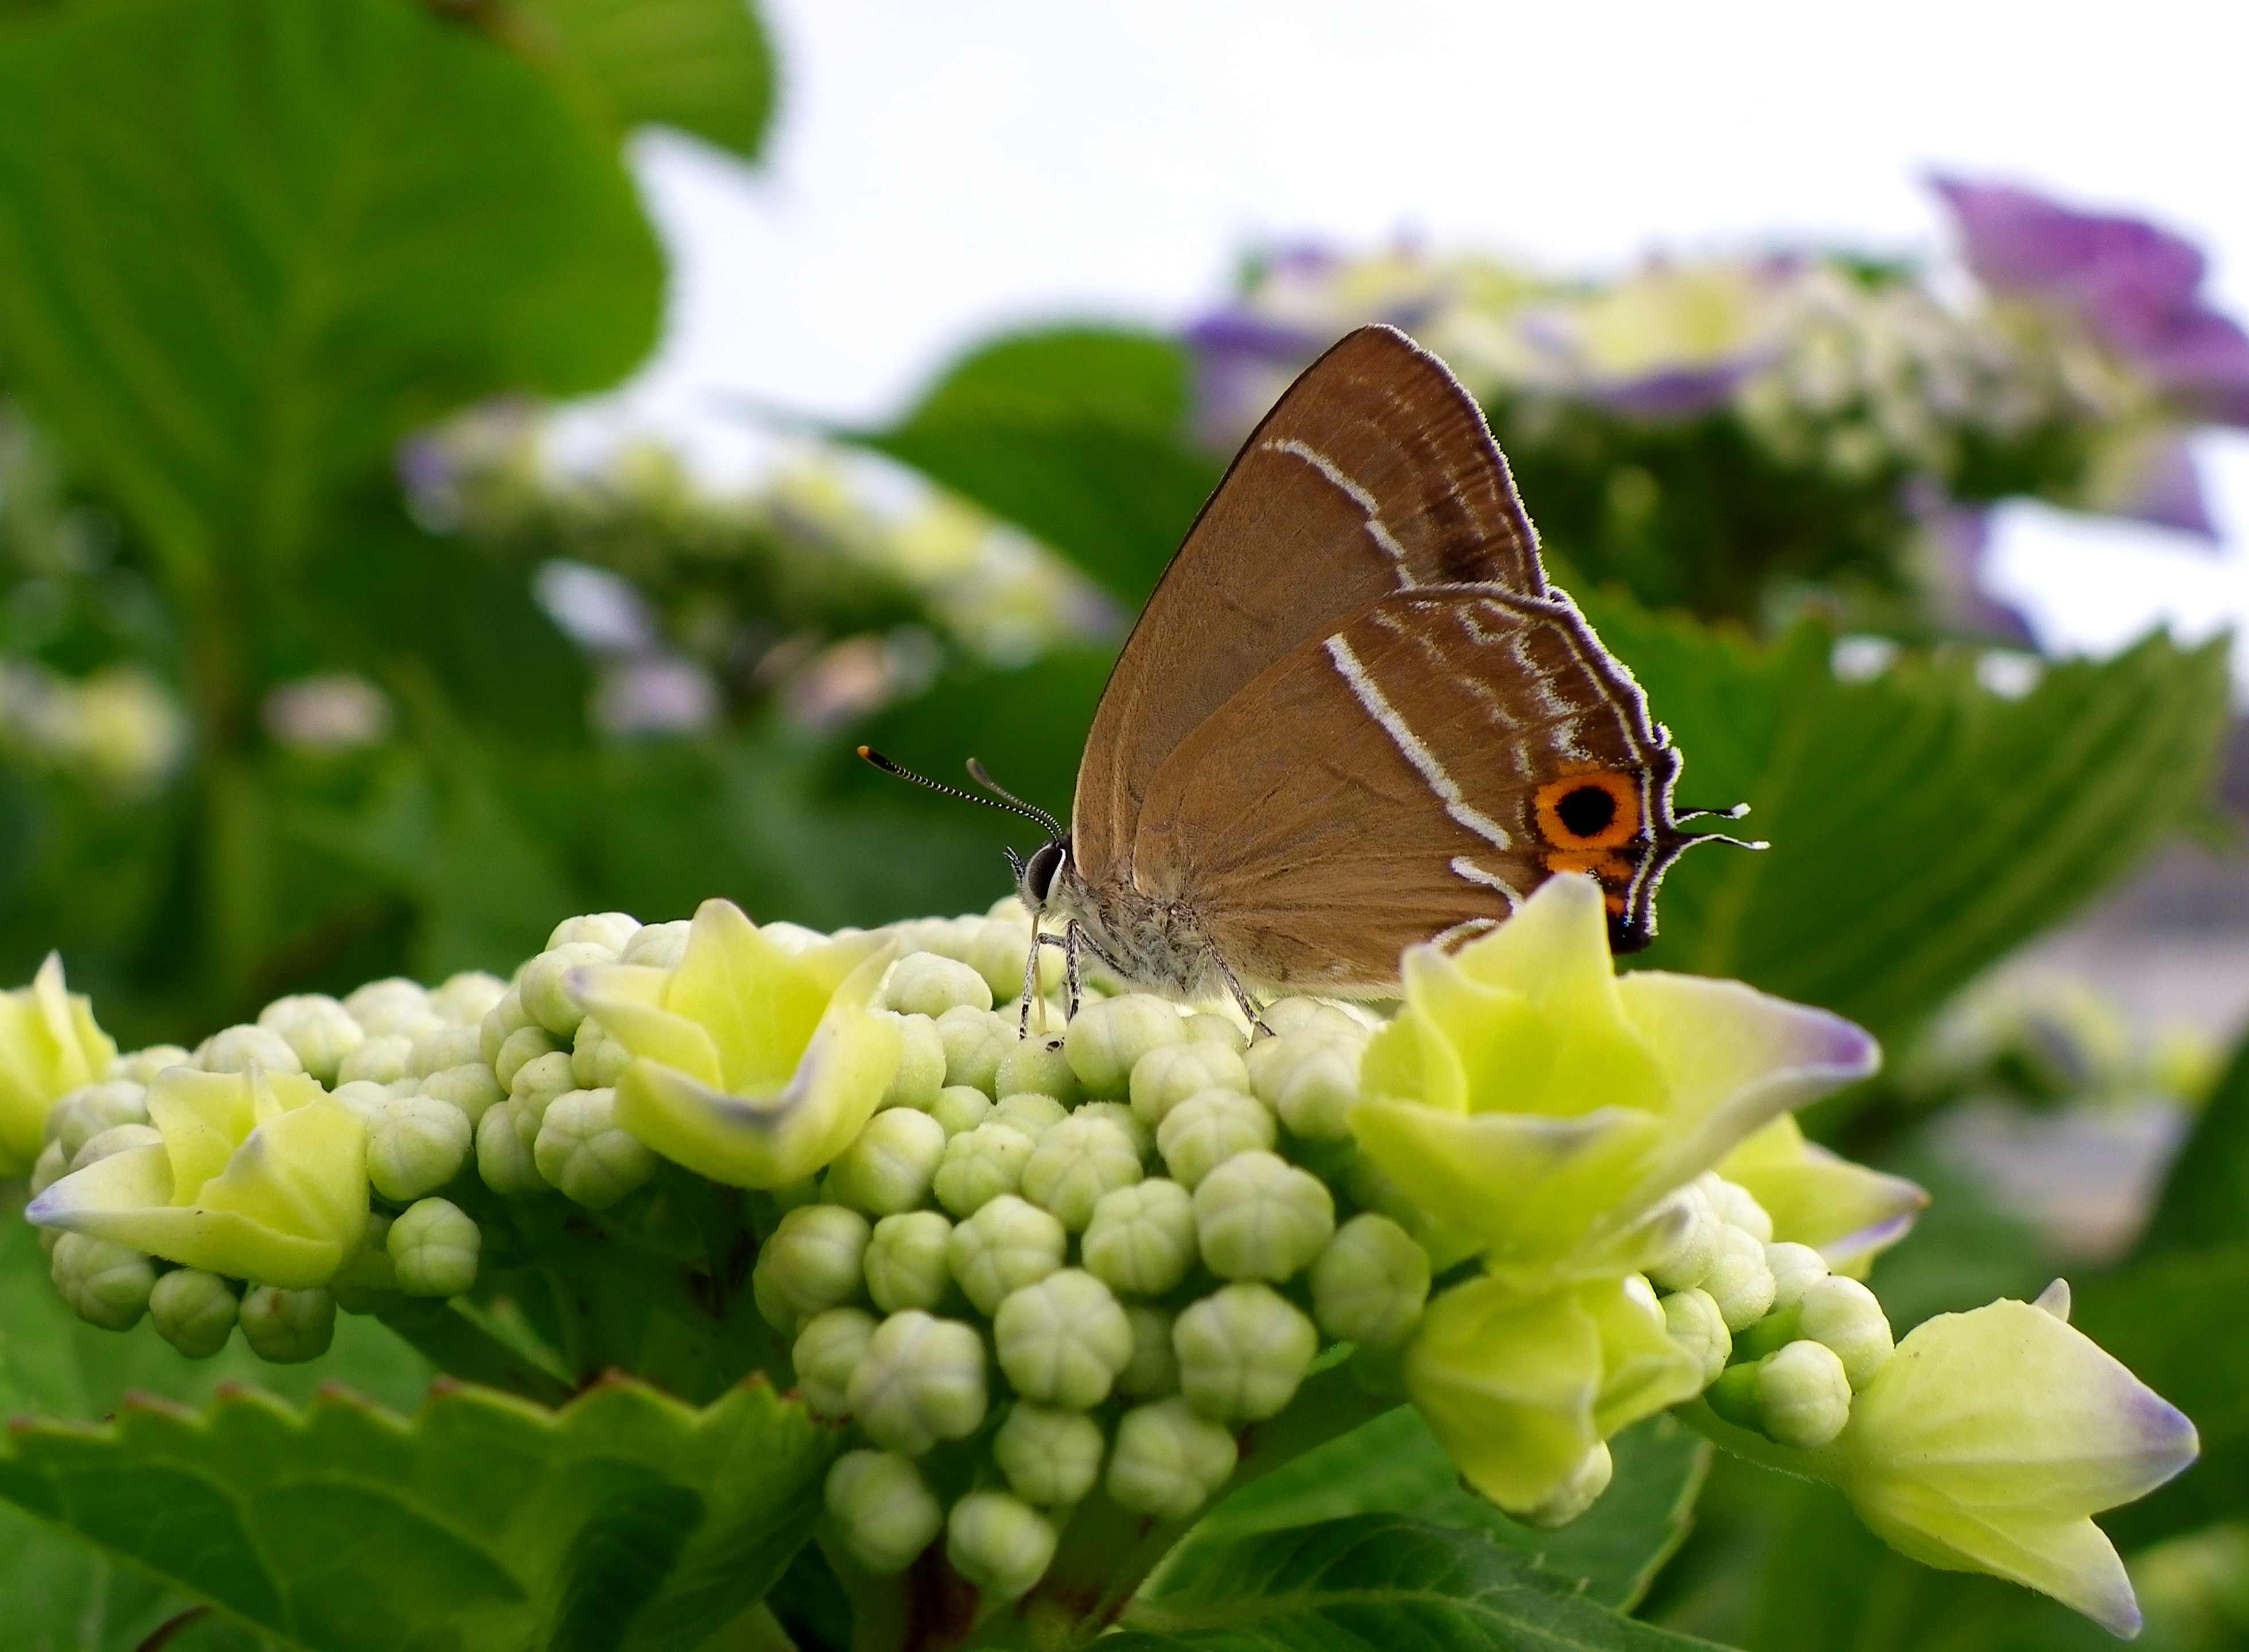 ミドリシジミ 6月2日朝の庭にて_d0254540_20105723.jpg